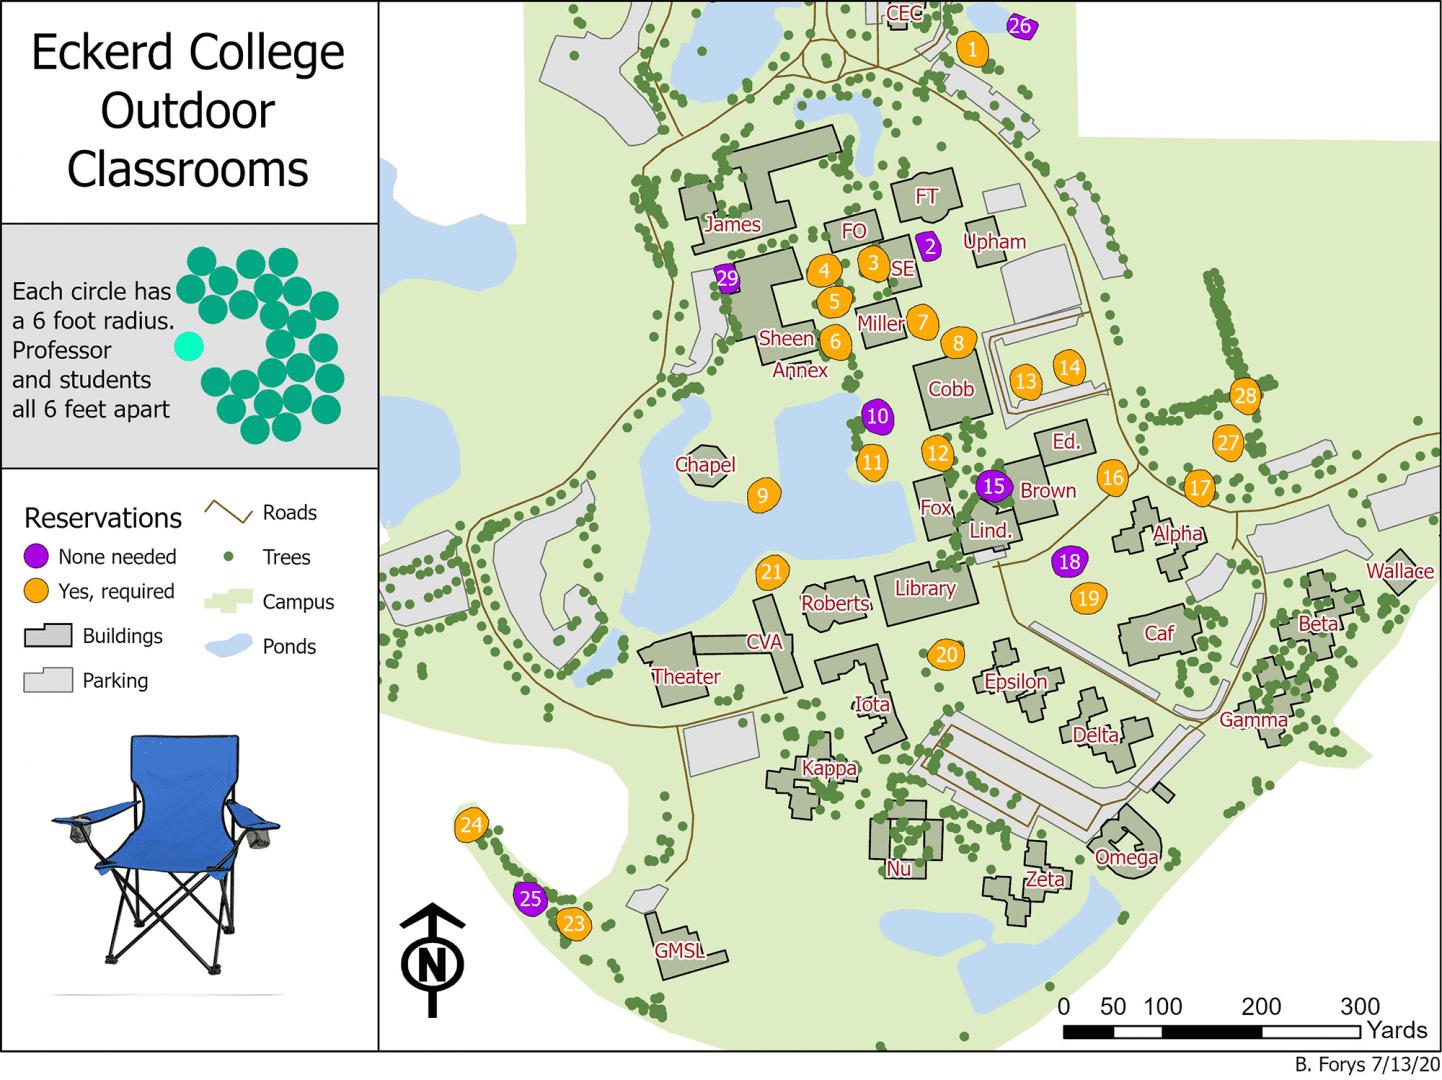 Eckerd College outdoor classrooms map